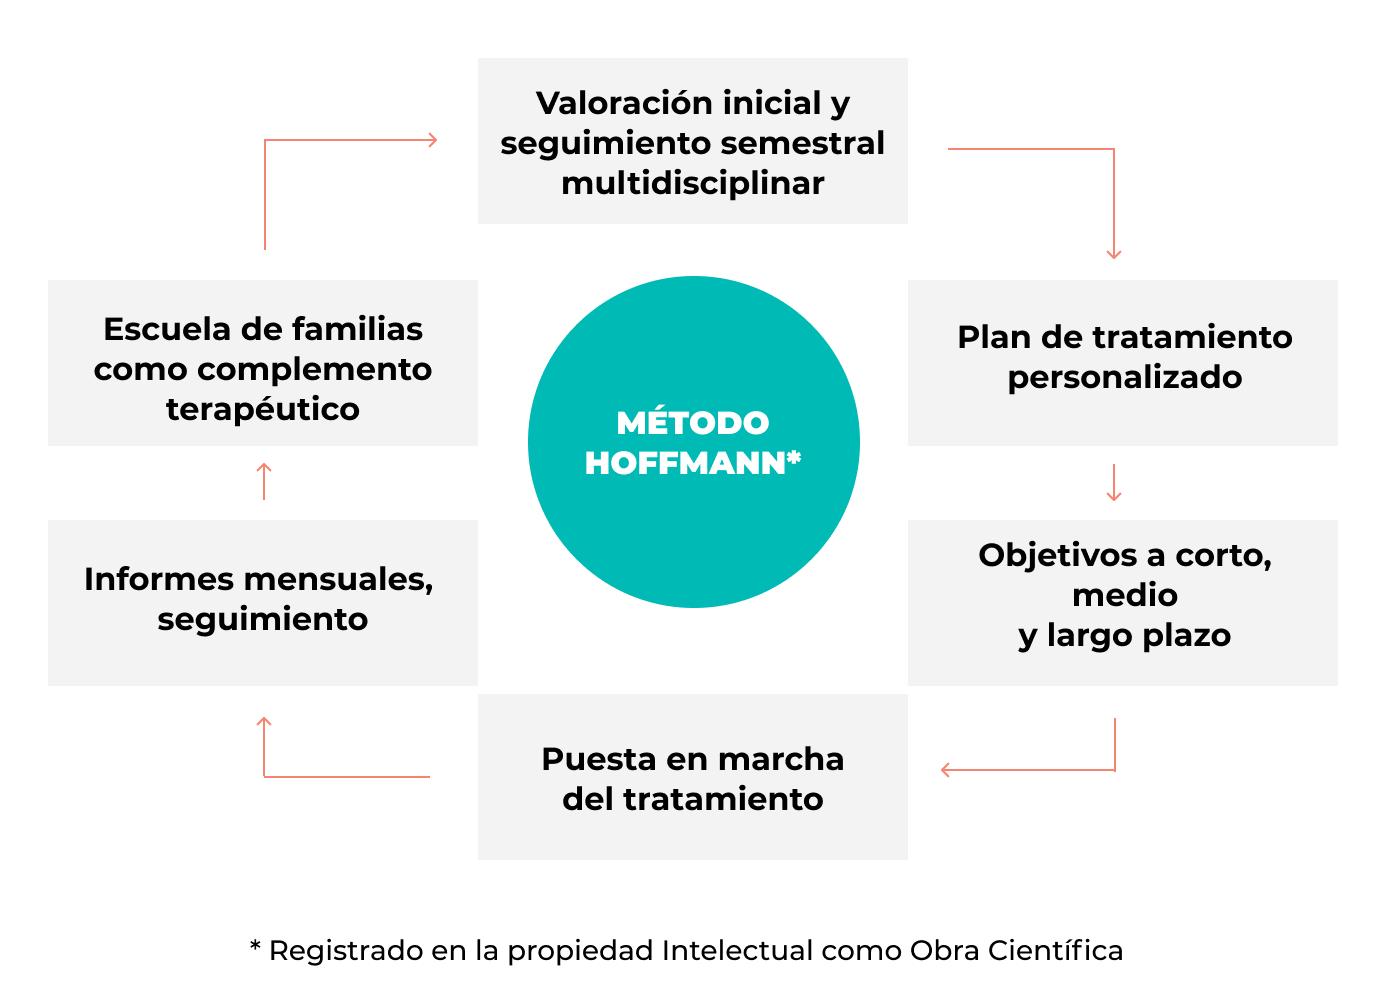 Metodo hoffmann